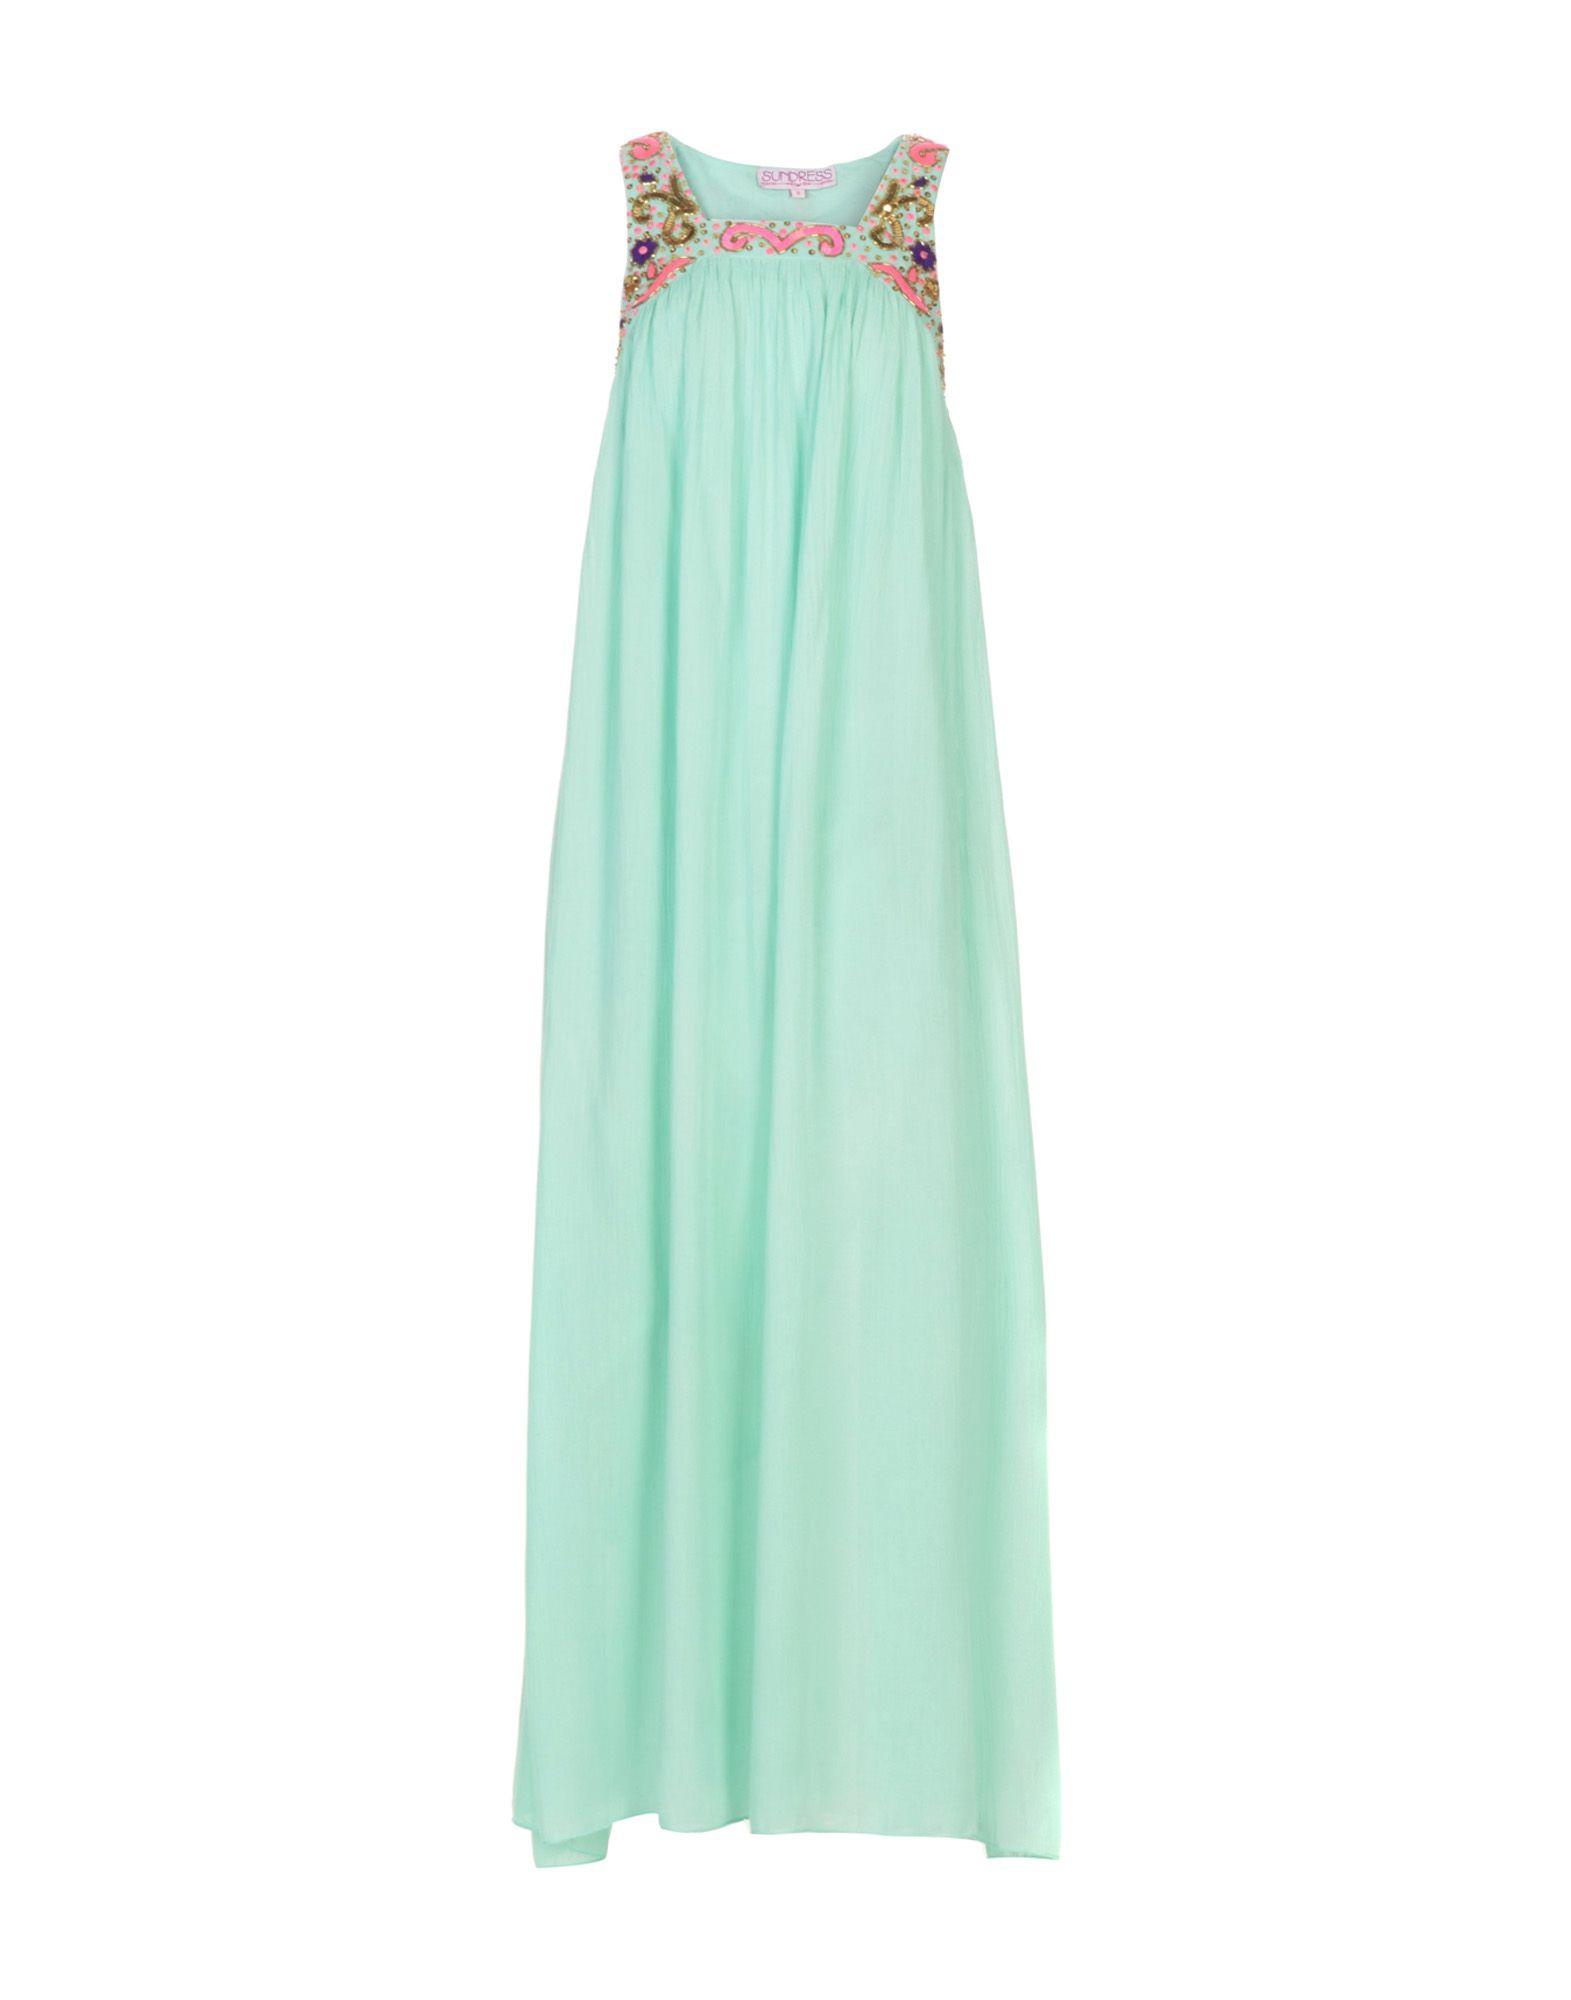 SUNDRESS Long Dress in Turquoise